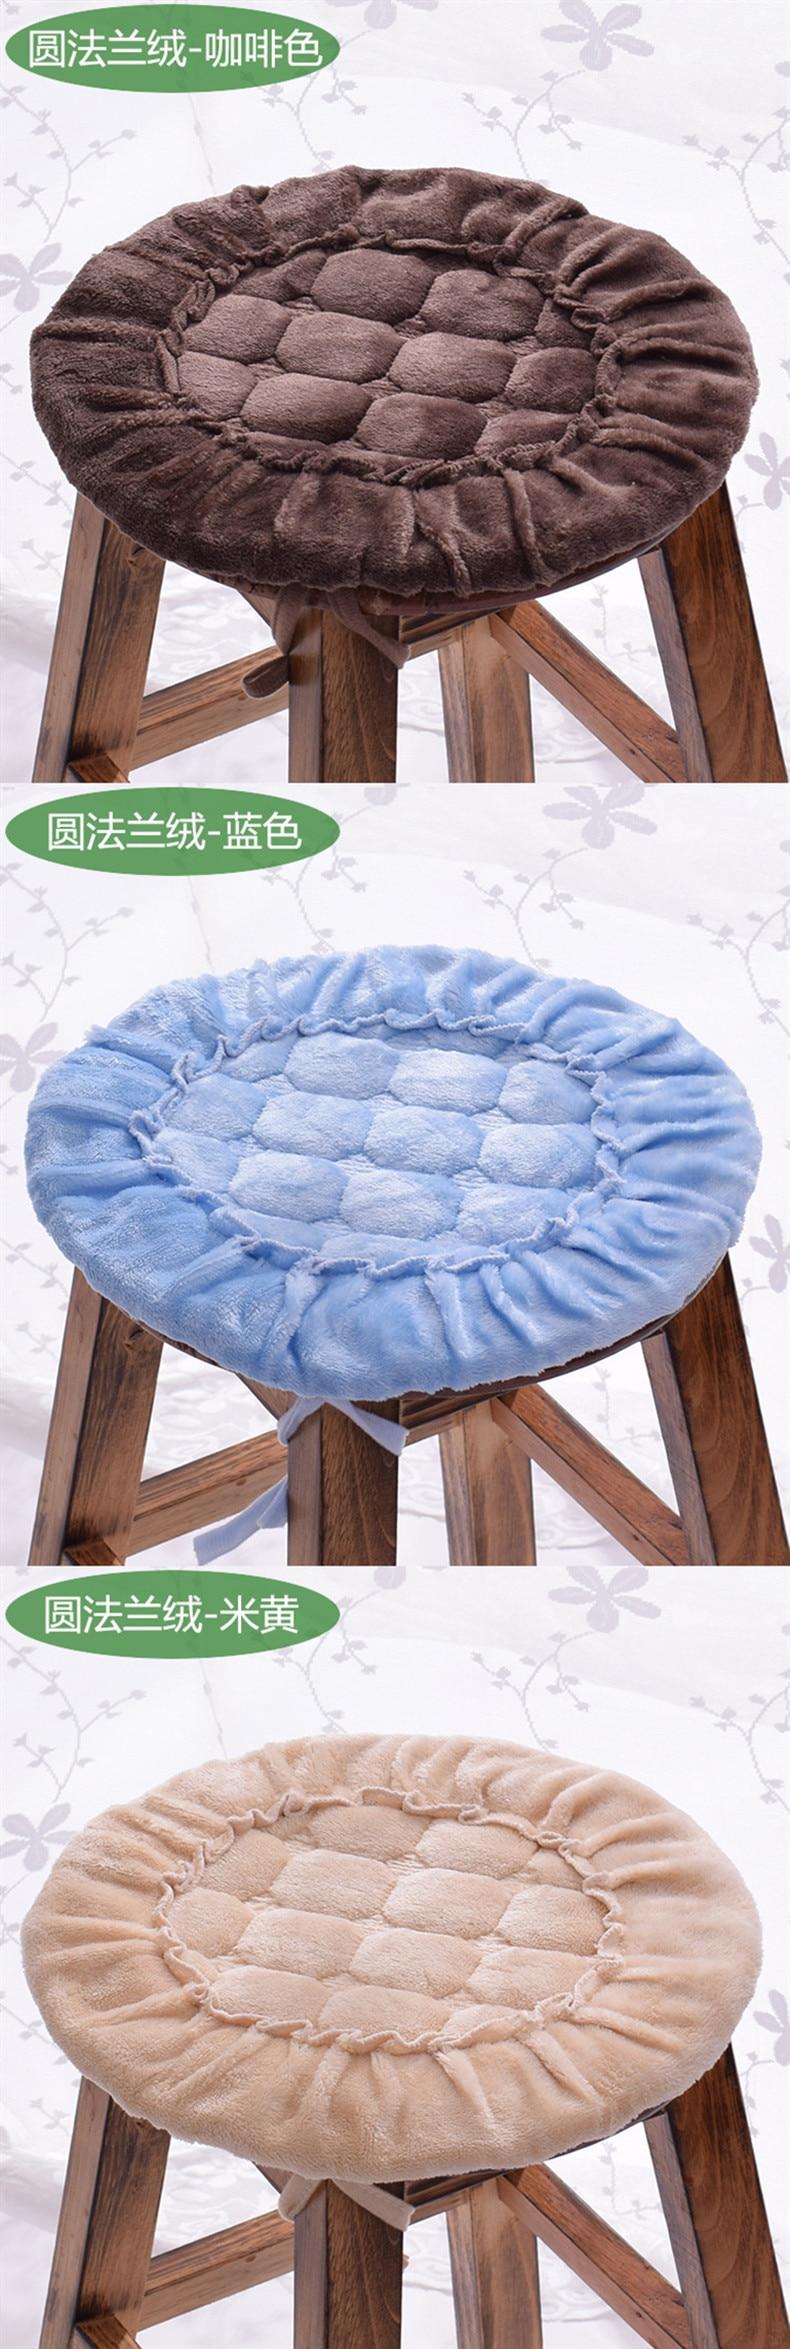 yuan fa lan rong ka fei